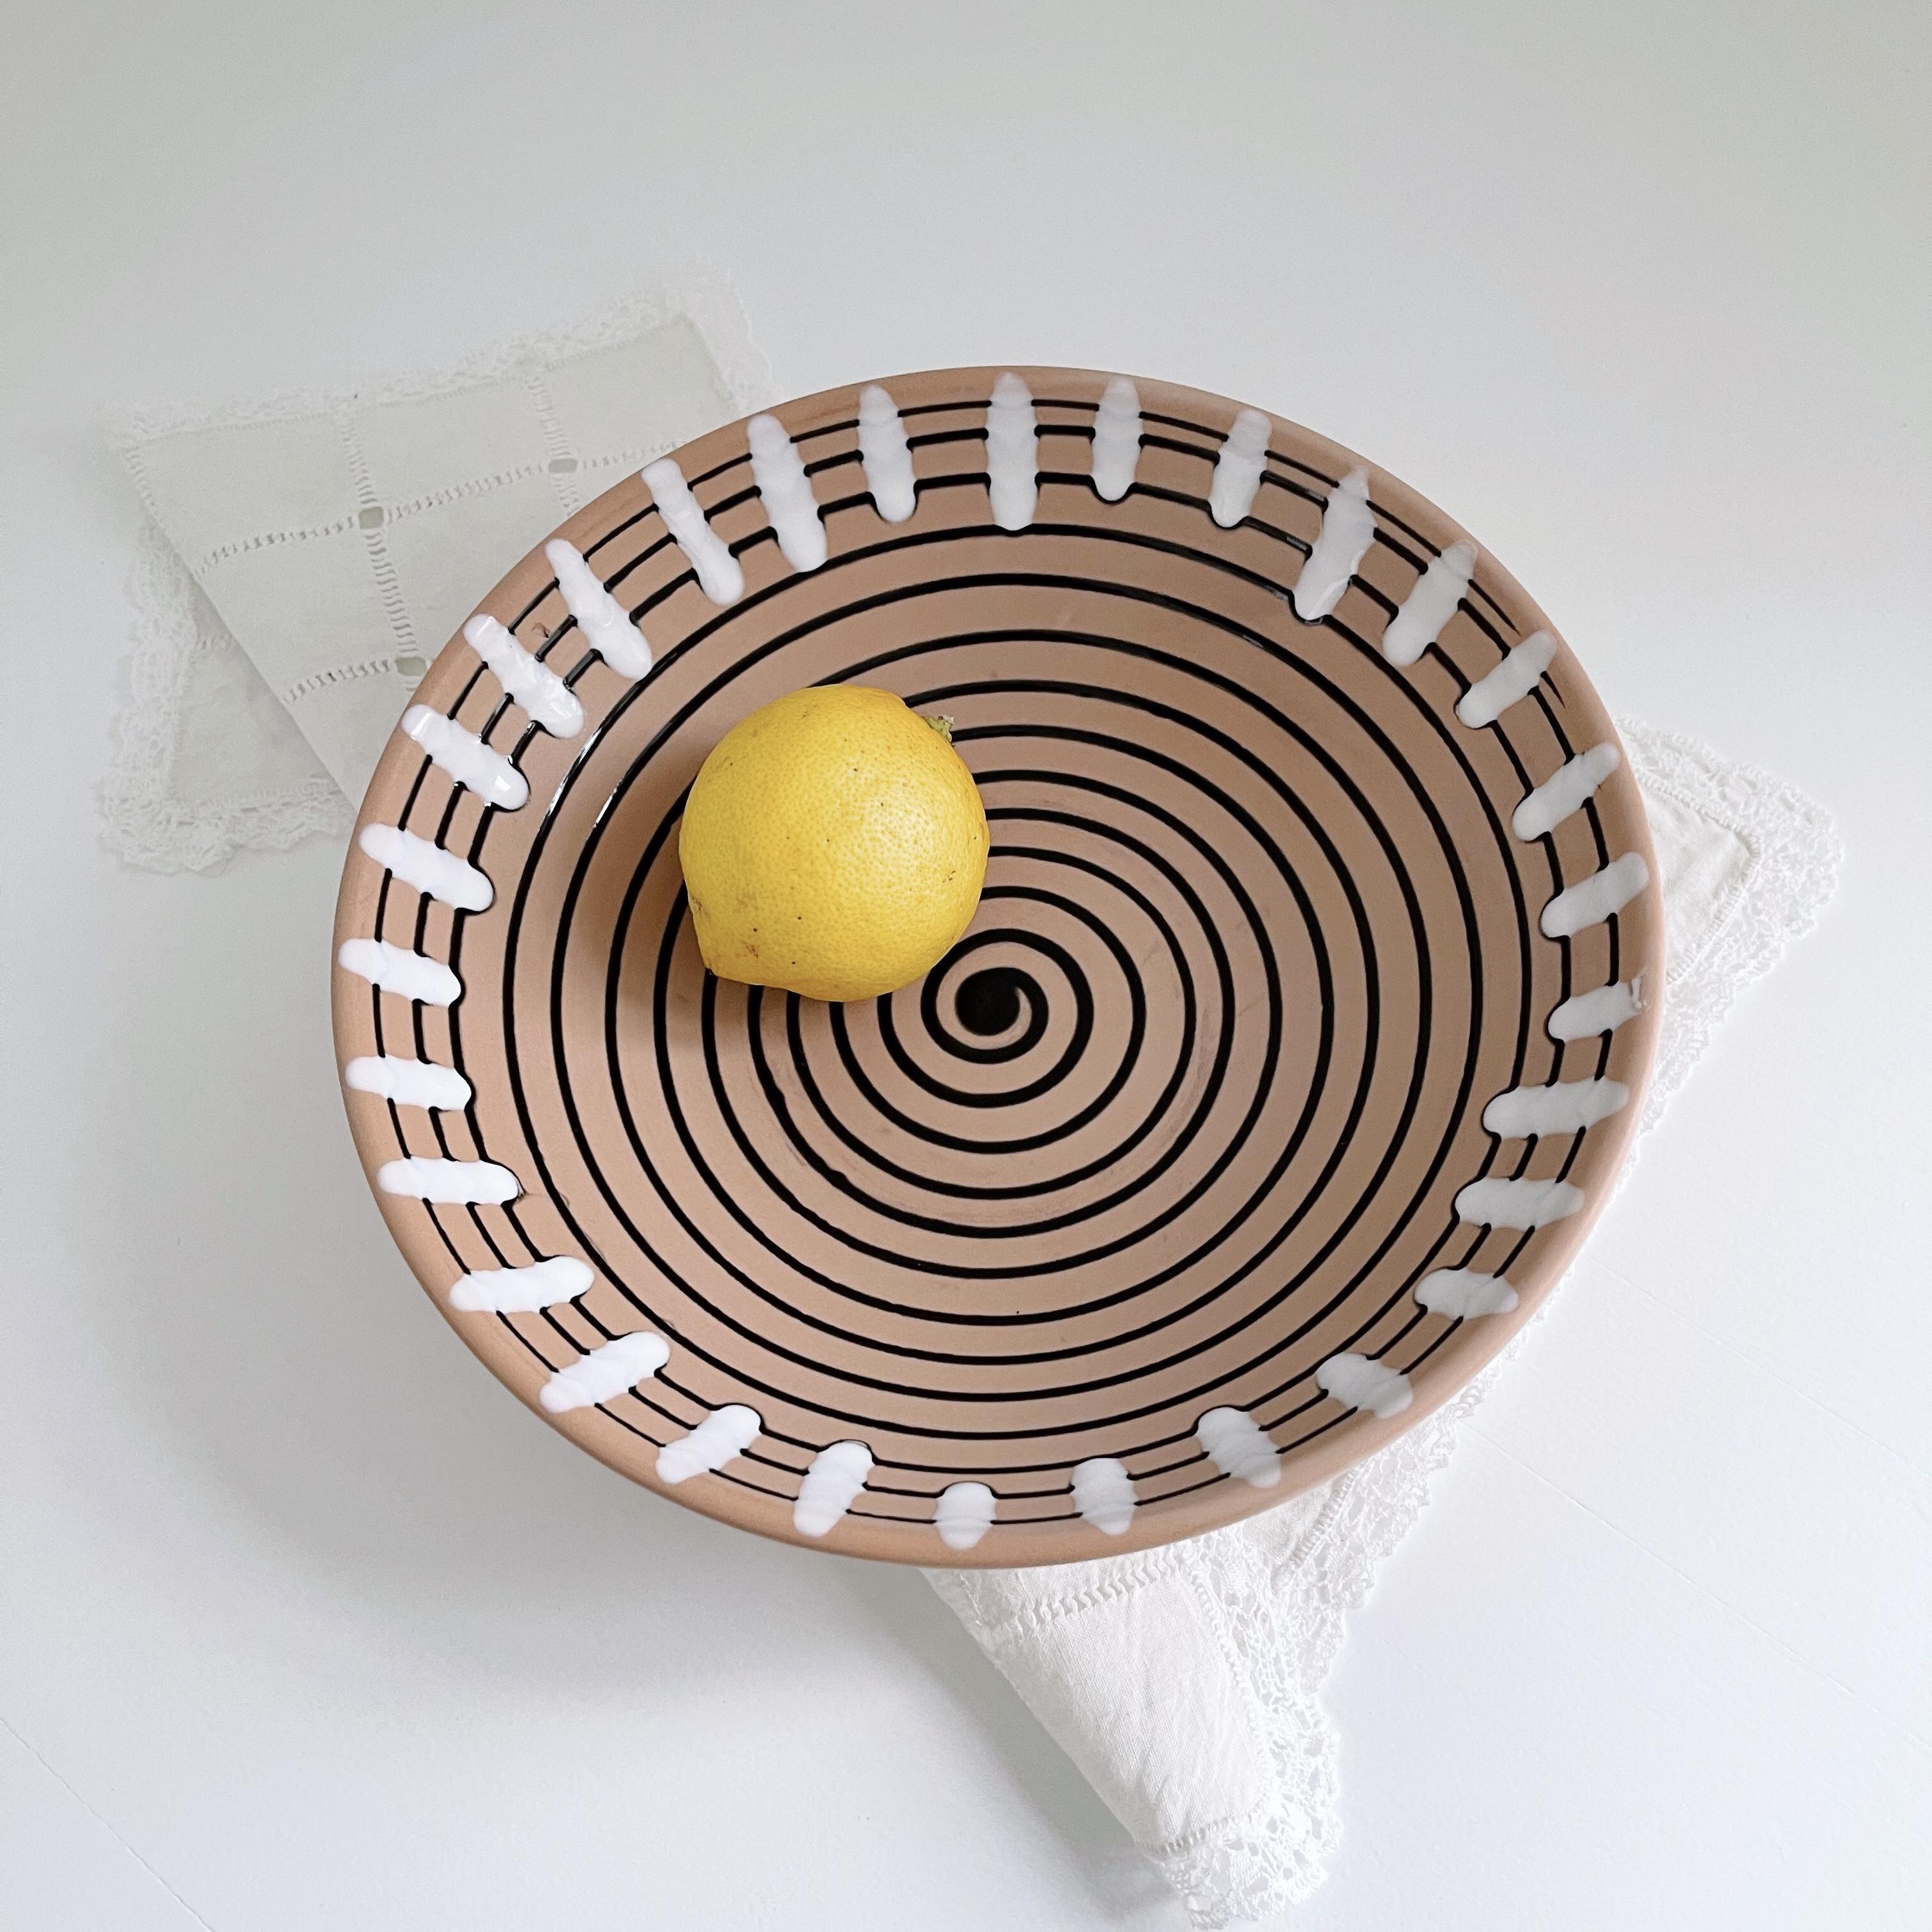 Nicola Fasano / Spiral Skål